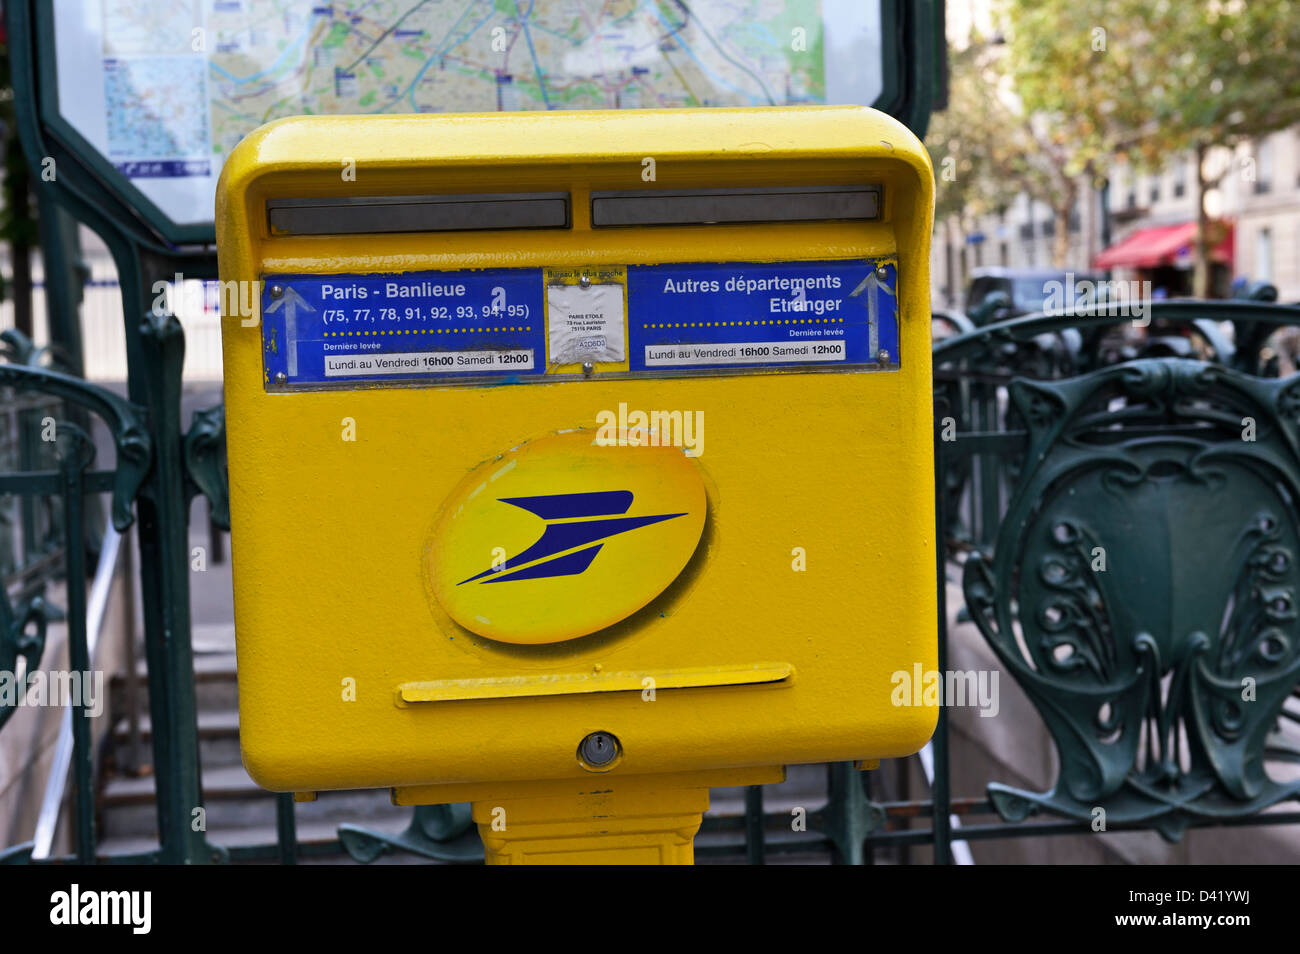 Boite Aux Lettres Jaune A Paris France Banque D Images Photo Stock